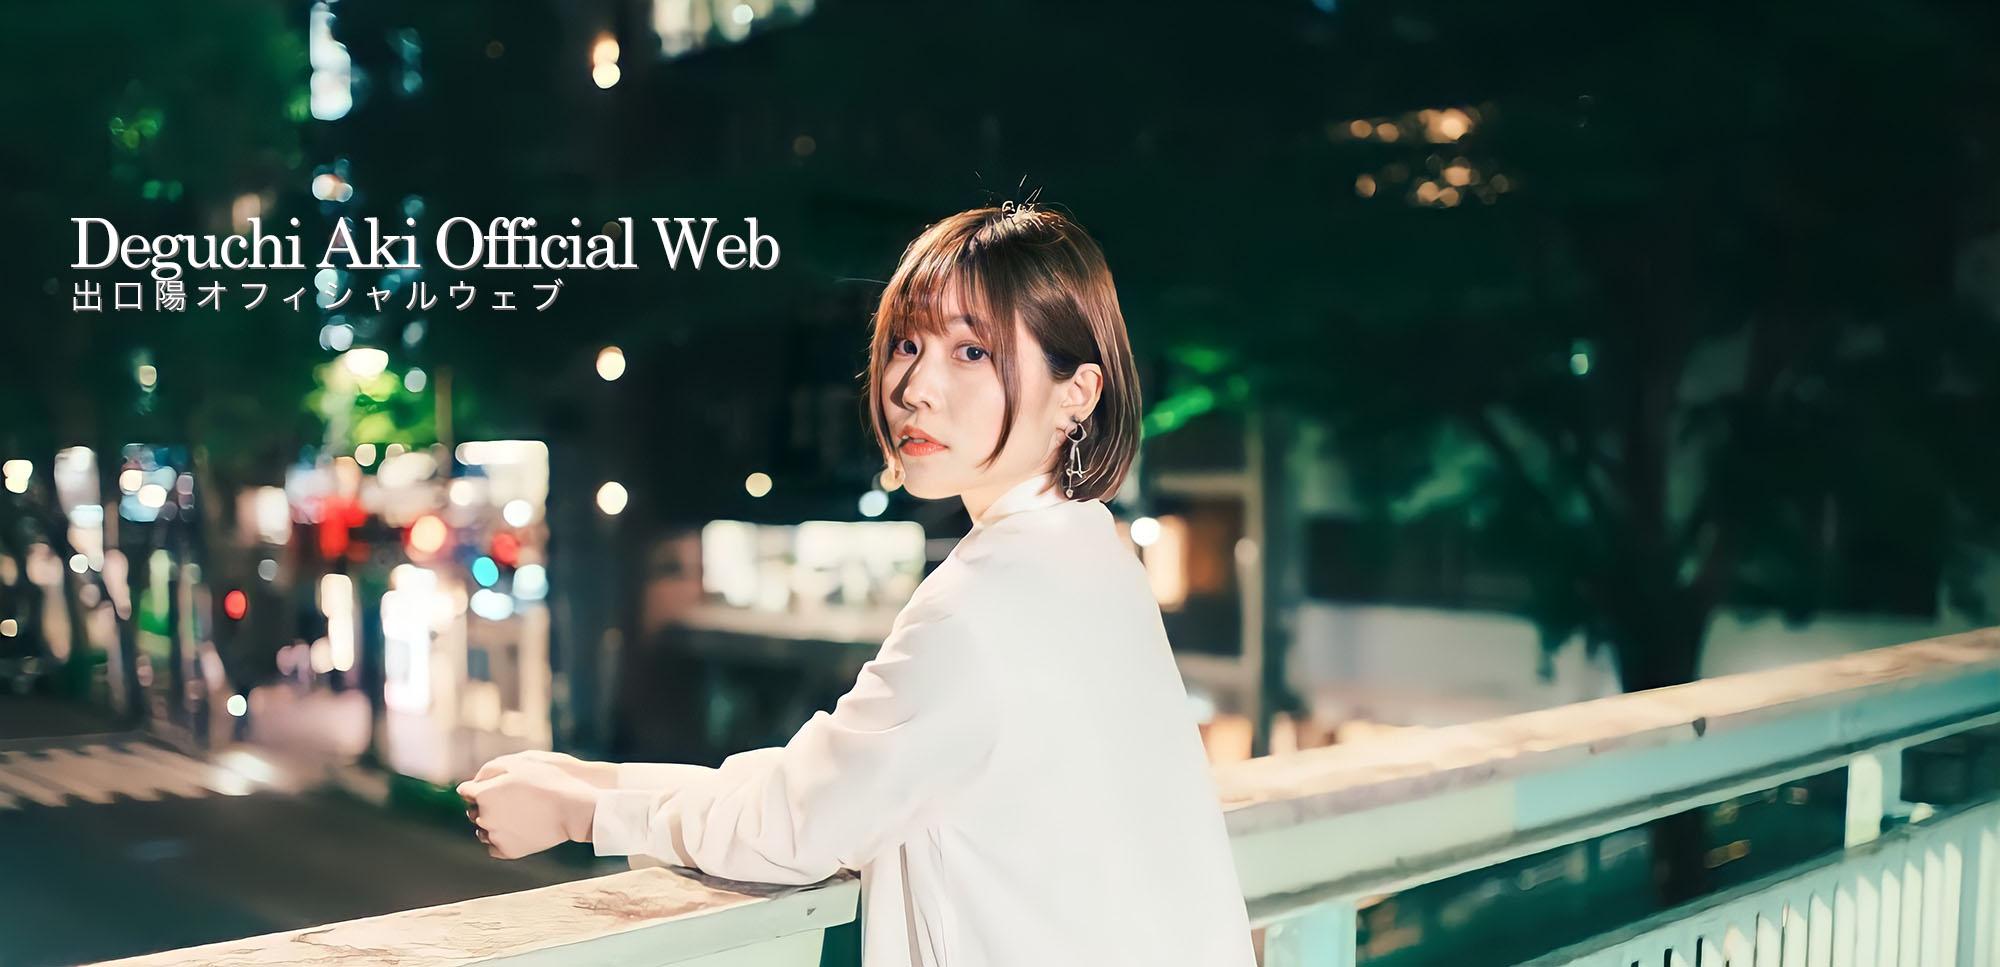 DeguchiAki Official Web